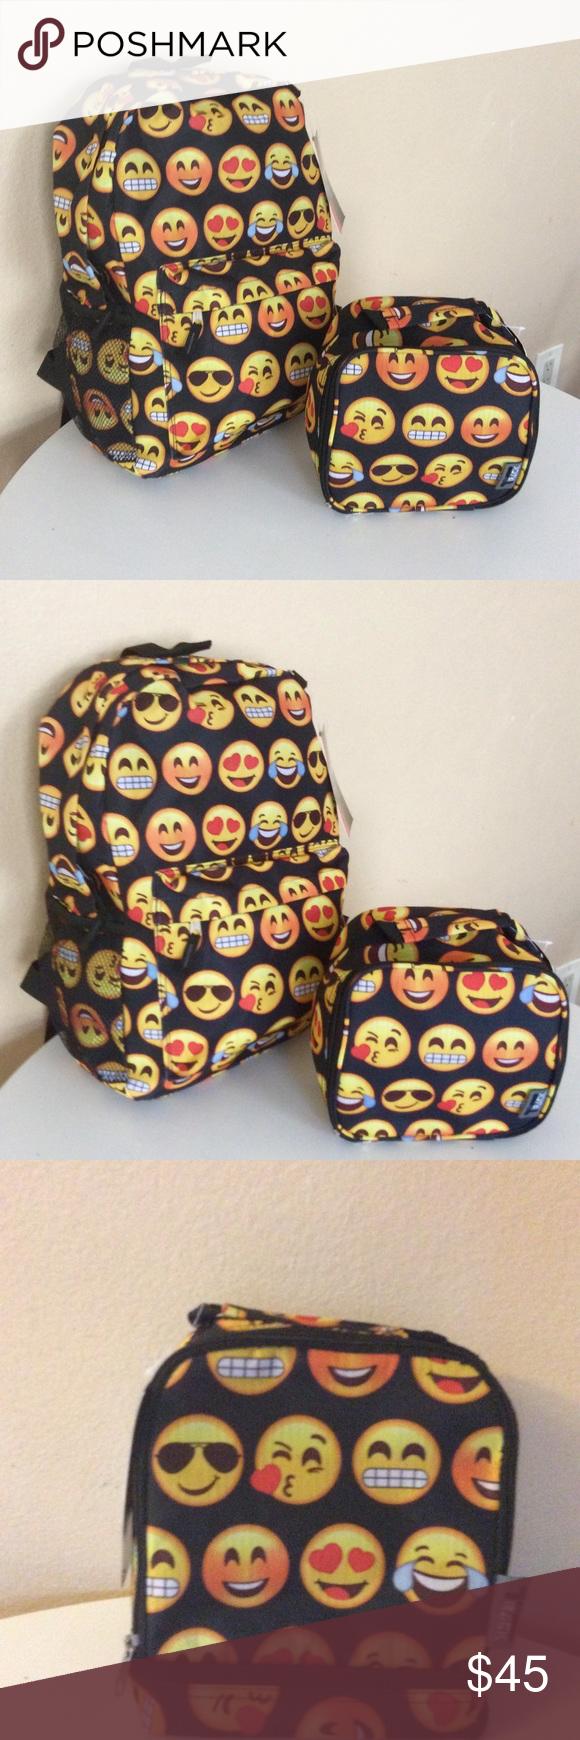 e02c114fff94 BLACK EMOJI SCHOOL BACKPACK LUNCH BOX SET -free 🎁 Brand New Black emoji  backpack with